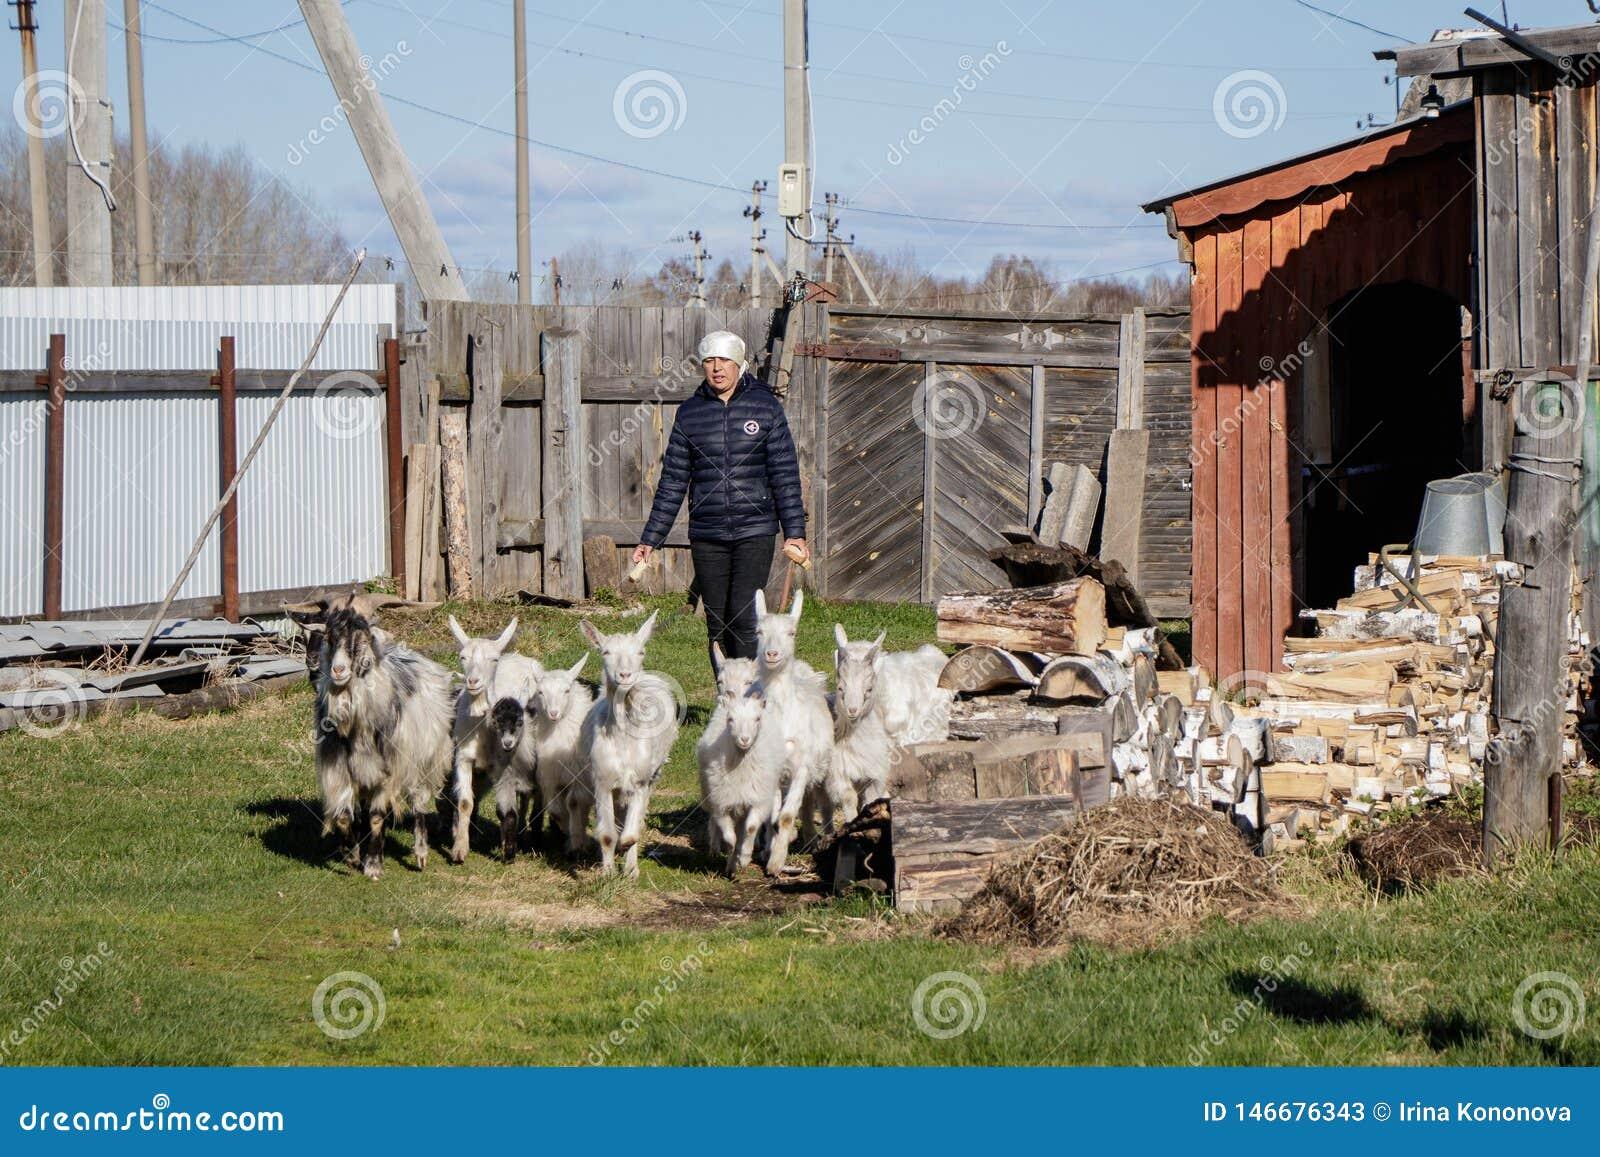 Aromashevsky Rusland 24 Mei 2018: vrouw met geiten op de boerderij